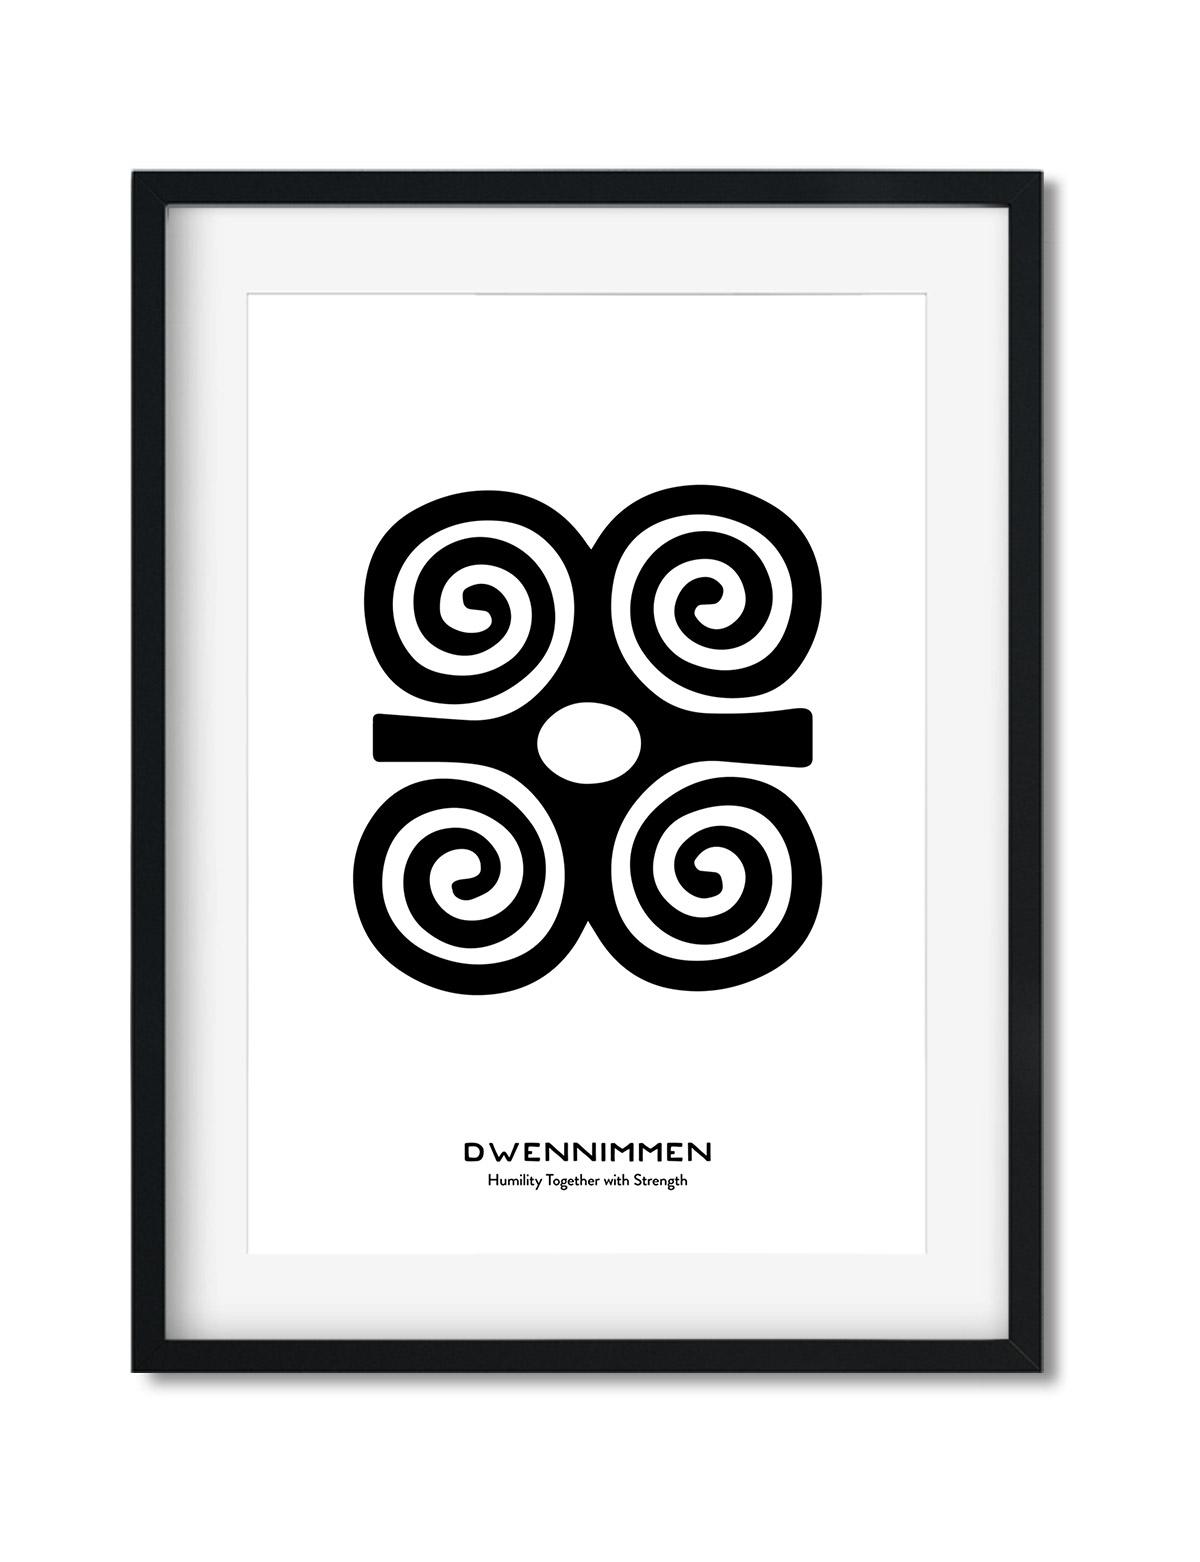 Dwennimmen, Adinkra Symbol, African Art Print